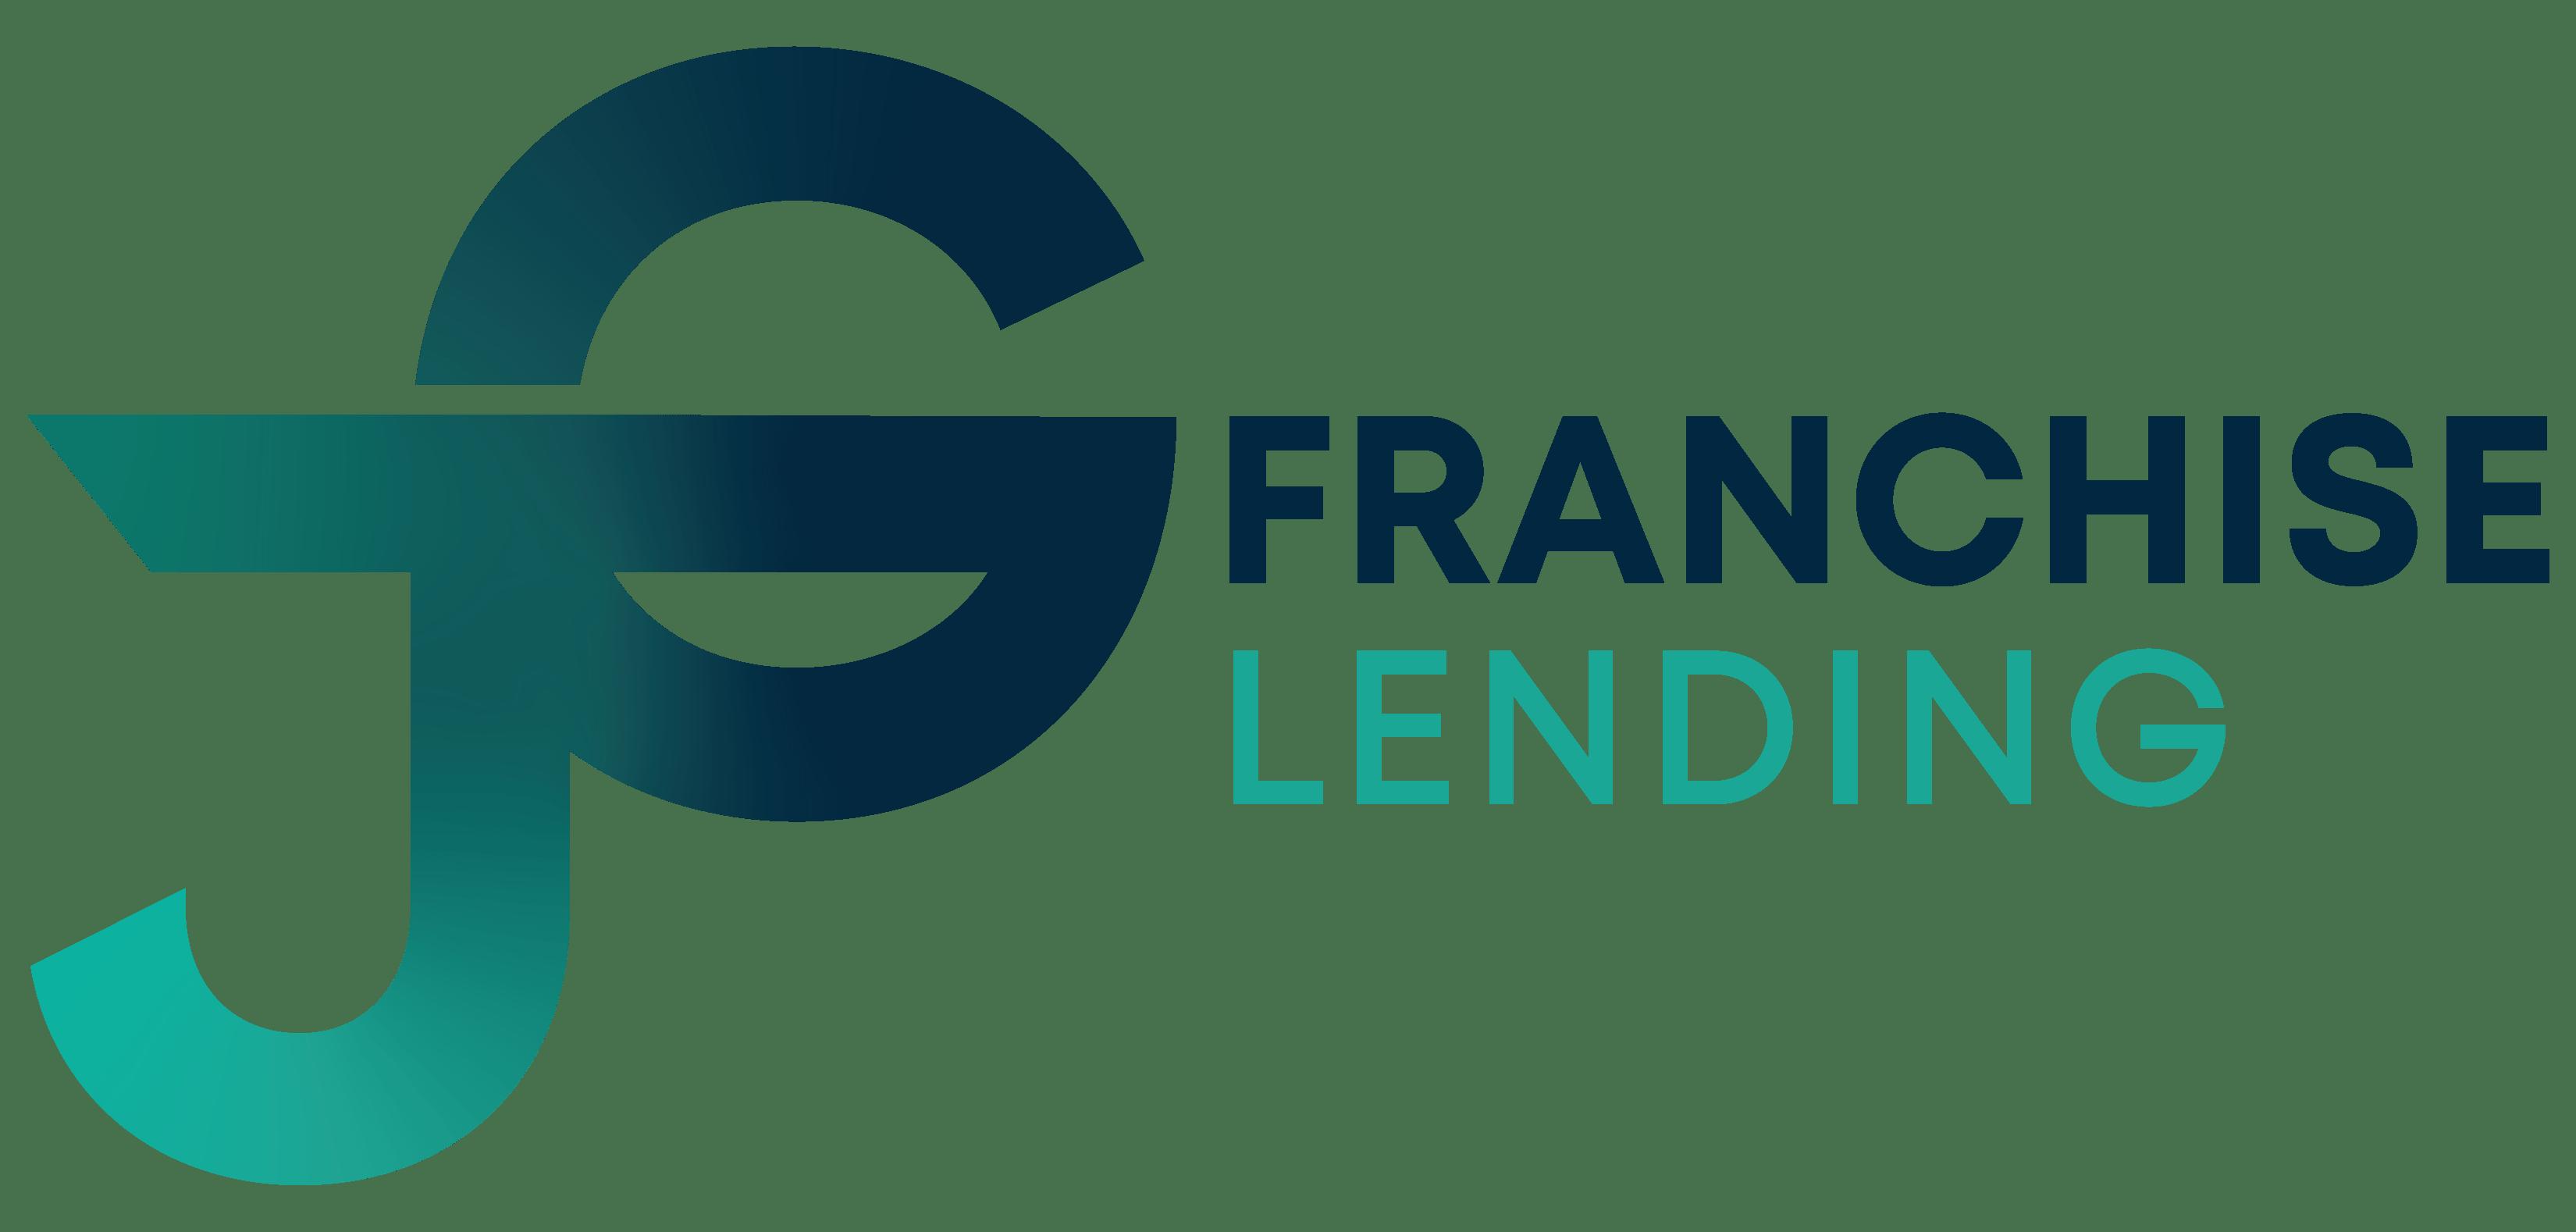 JG Franchise Lending